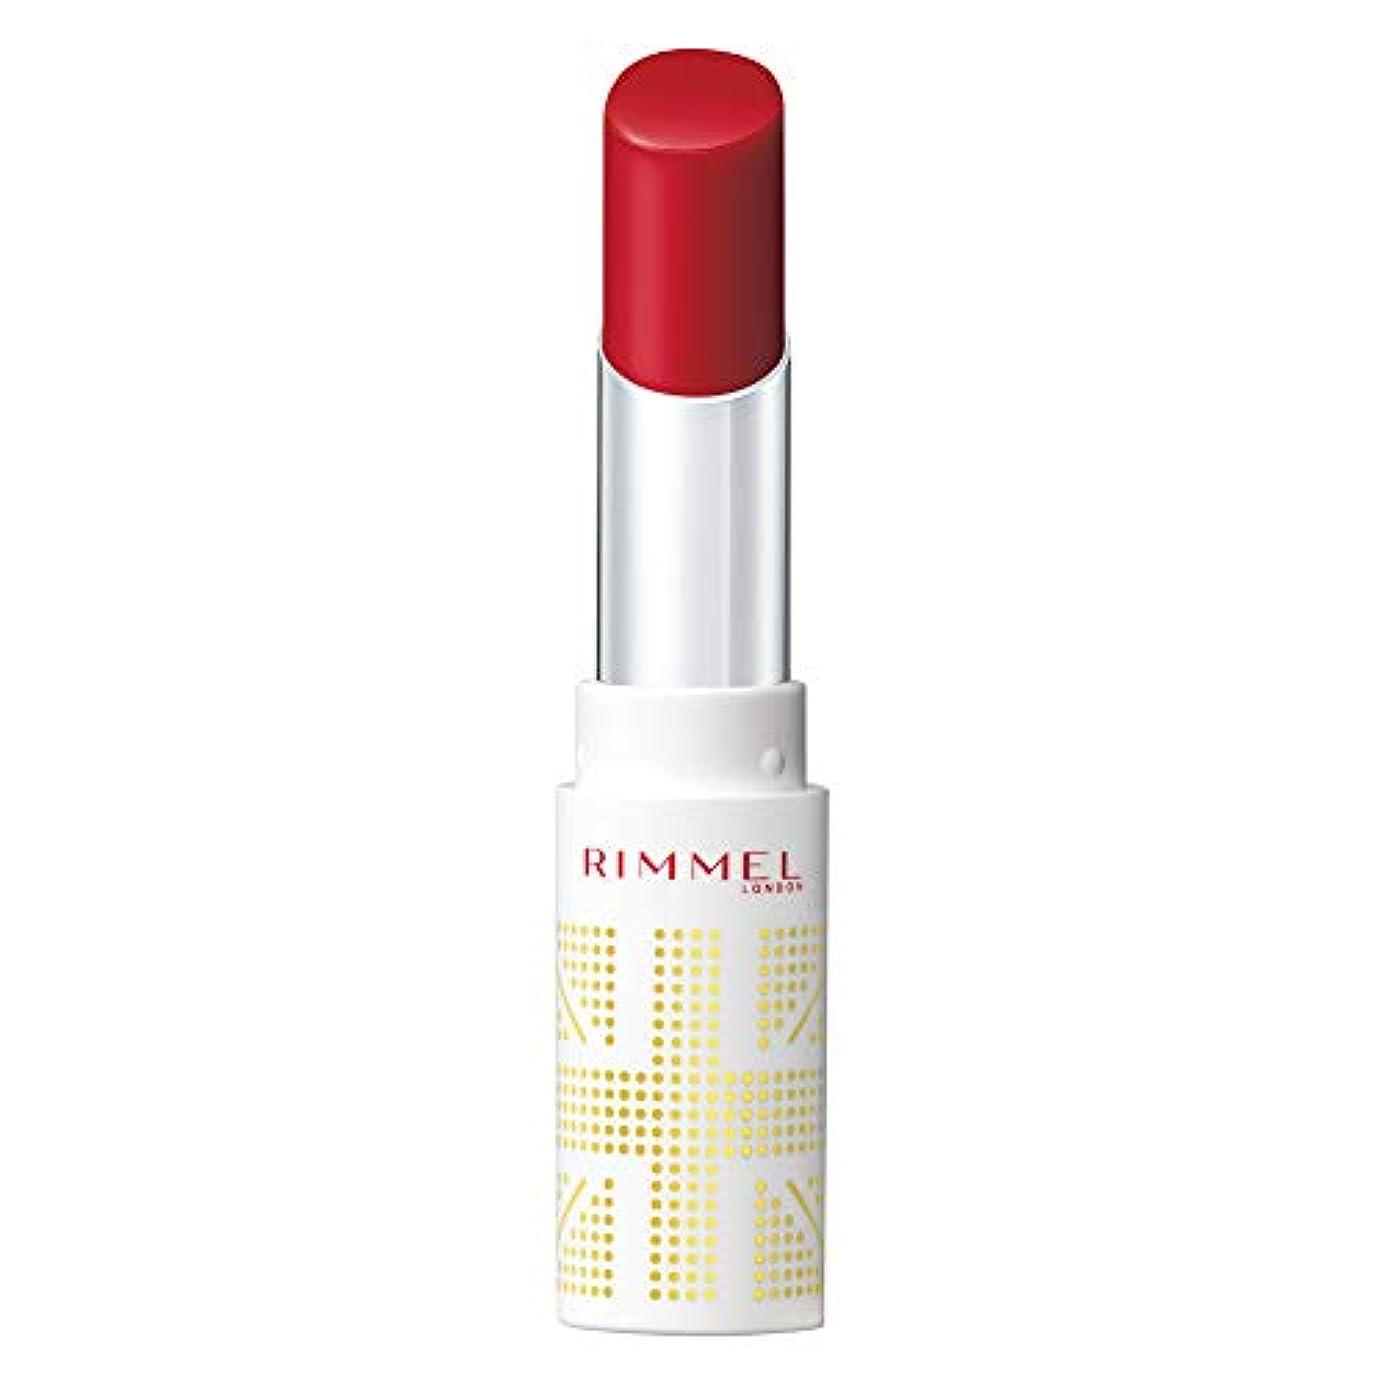 眉罪ピークRimmel (リンメル) リンメル ラスティングフィニッシュ オイルティントリップ 003 クラシカルレッド 3.8g 口紅